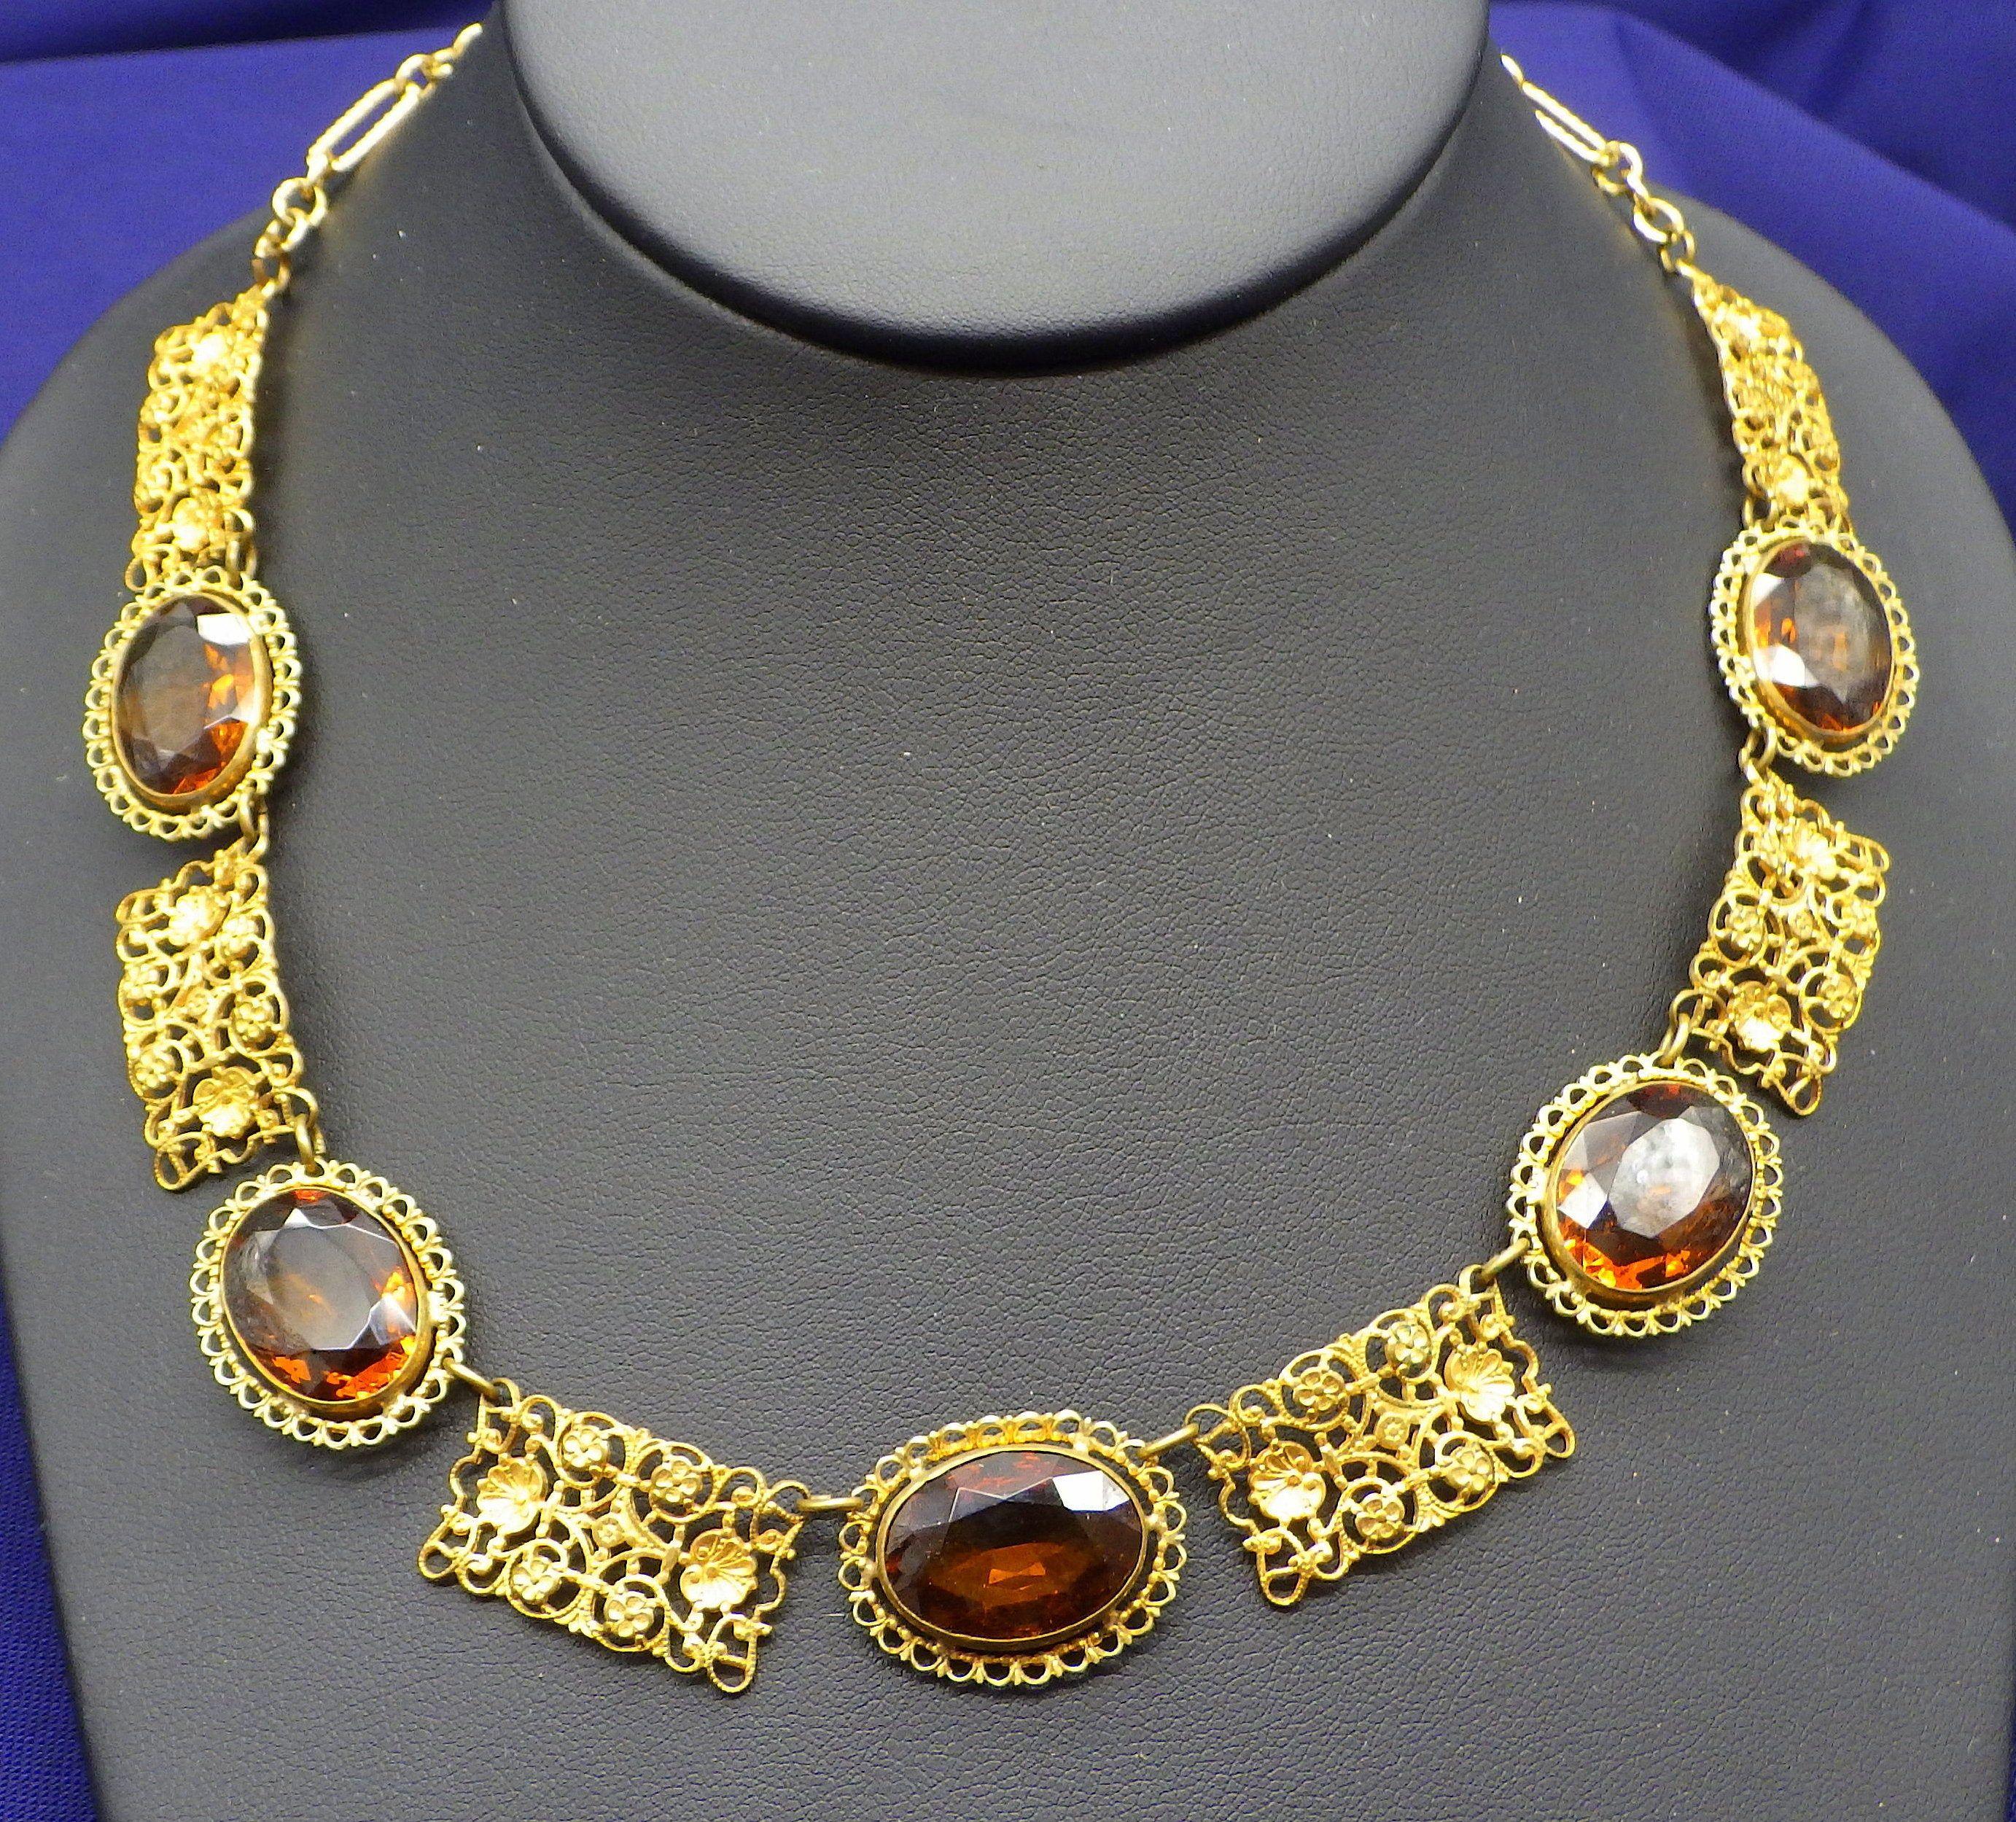 Photo of Victorian Revival Choker Vintage 1940 Golden Topaz Facettierte Halskette mit filigranem November Geburtsstein Choker Facettierte Steine Vintage Halskette